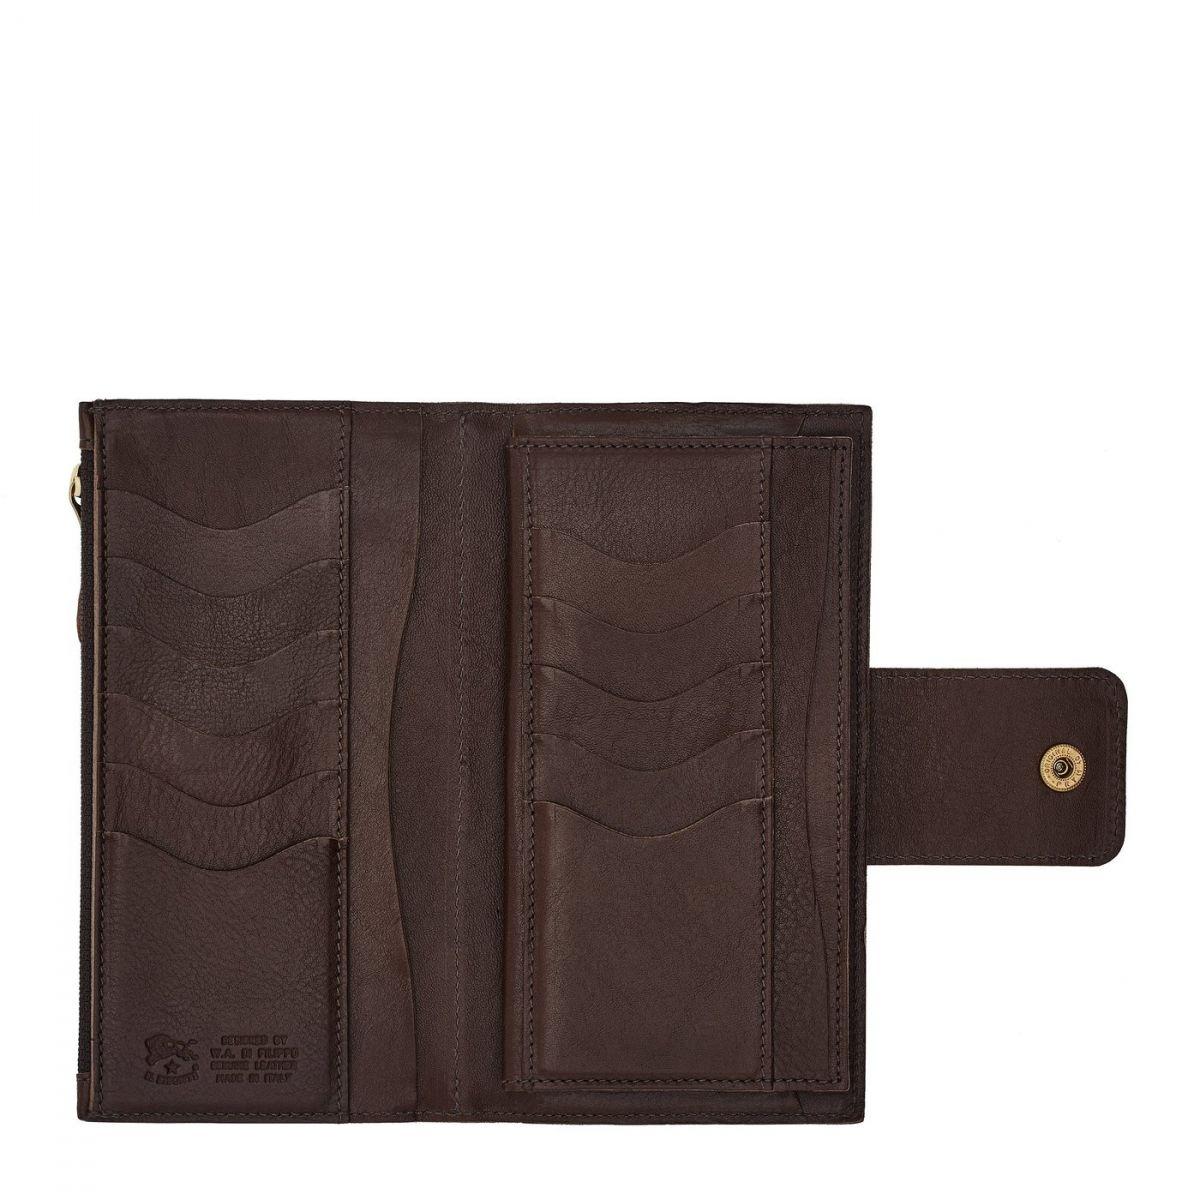 Portefeuille Continental pour Femme  en Cuir De Vachette Doublé SCW007 couleur Brun Foncé | Details